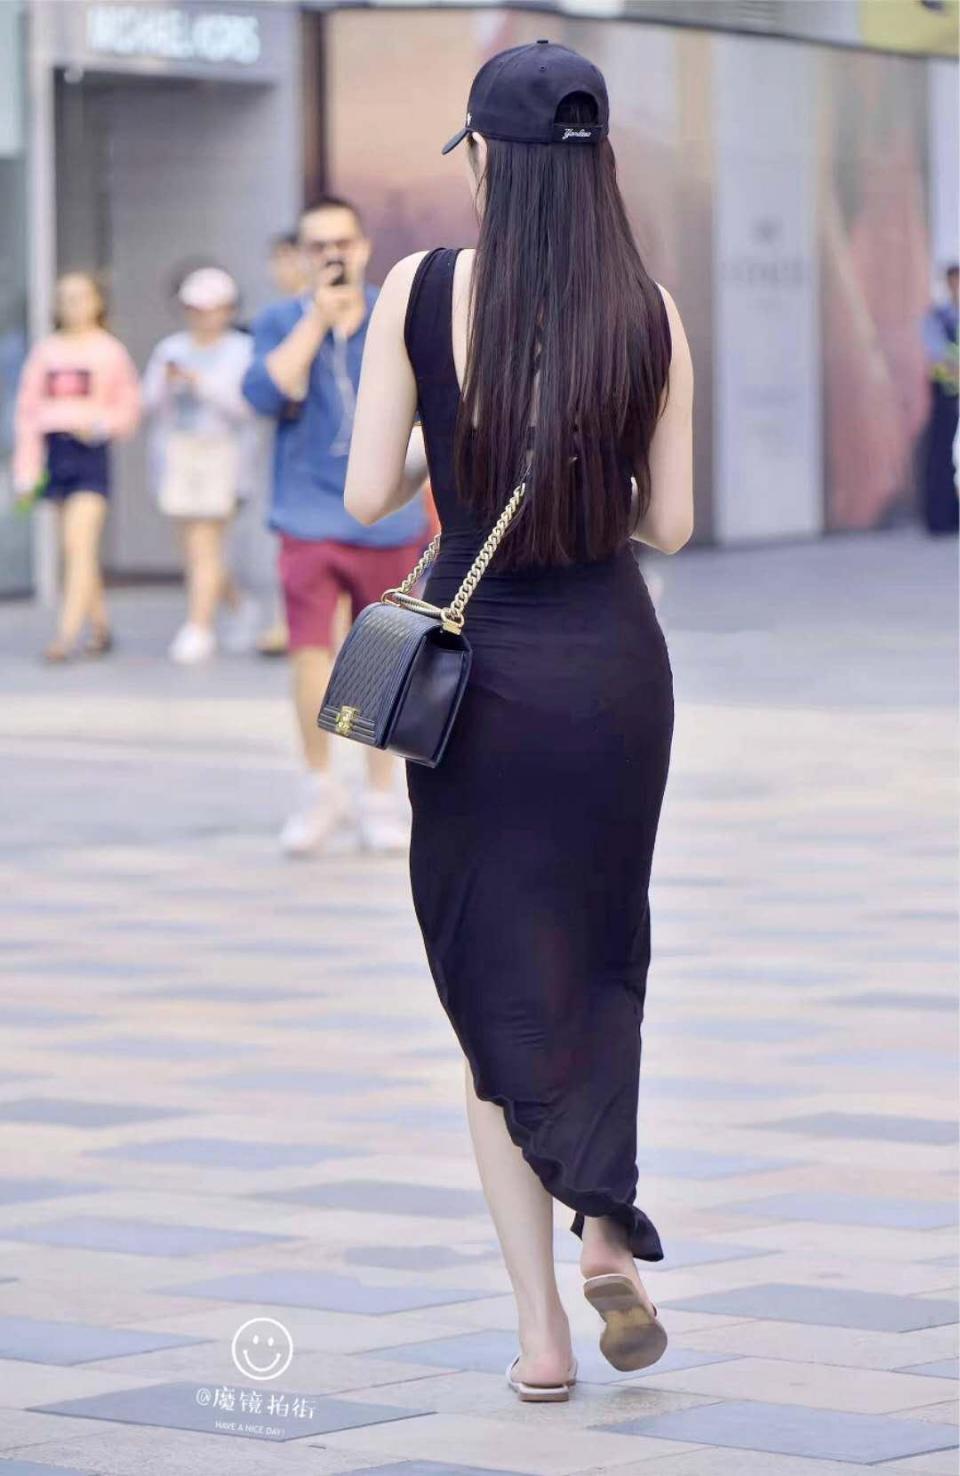 街拍:比起迷你短裙的赤裸裸,若影若现的开叉裙诱惑才最性感!